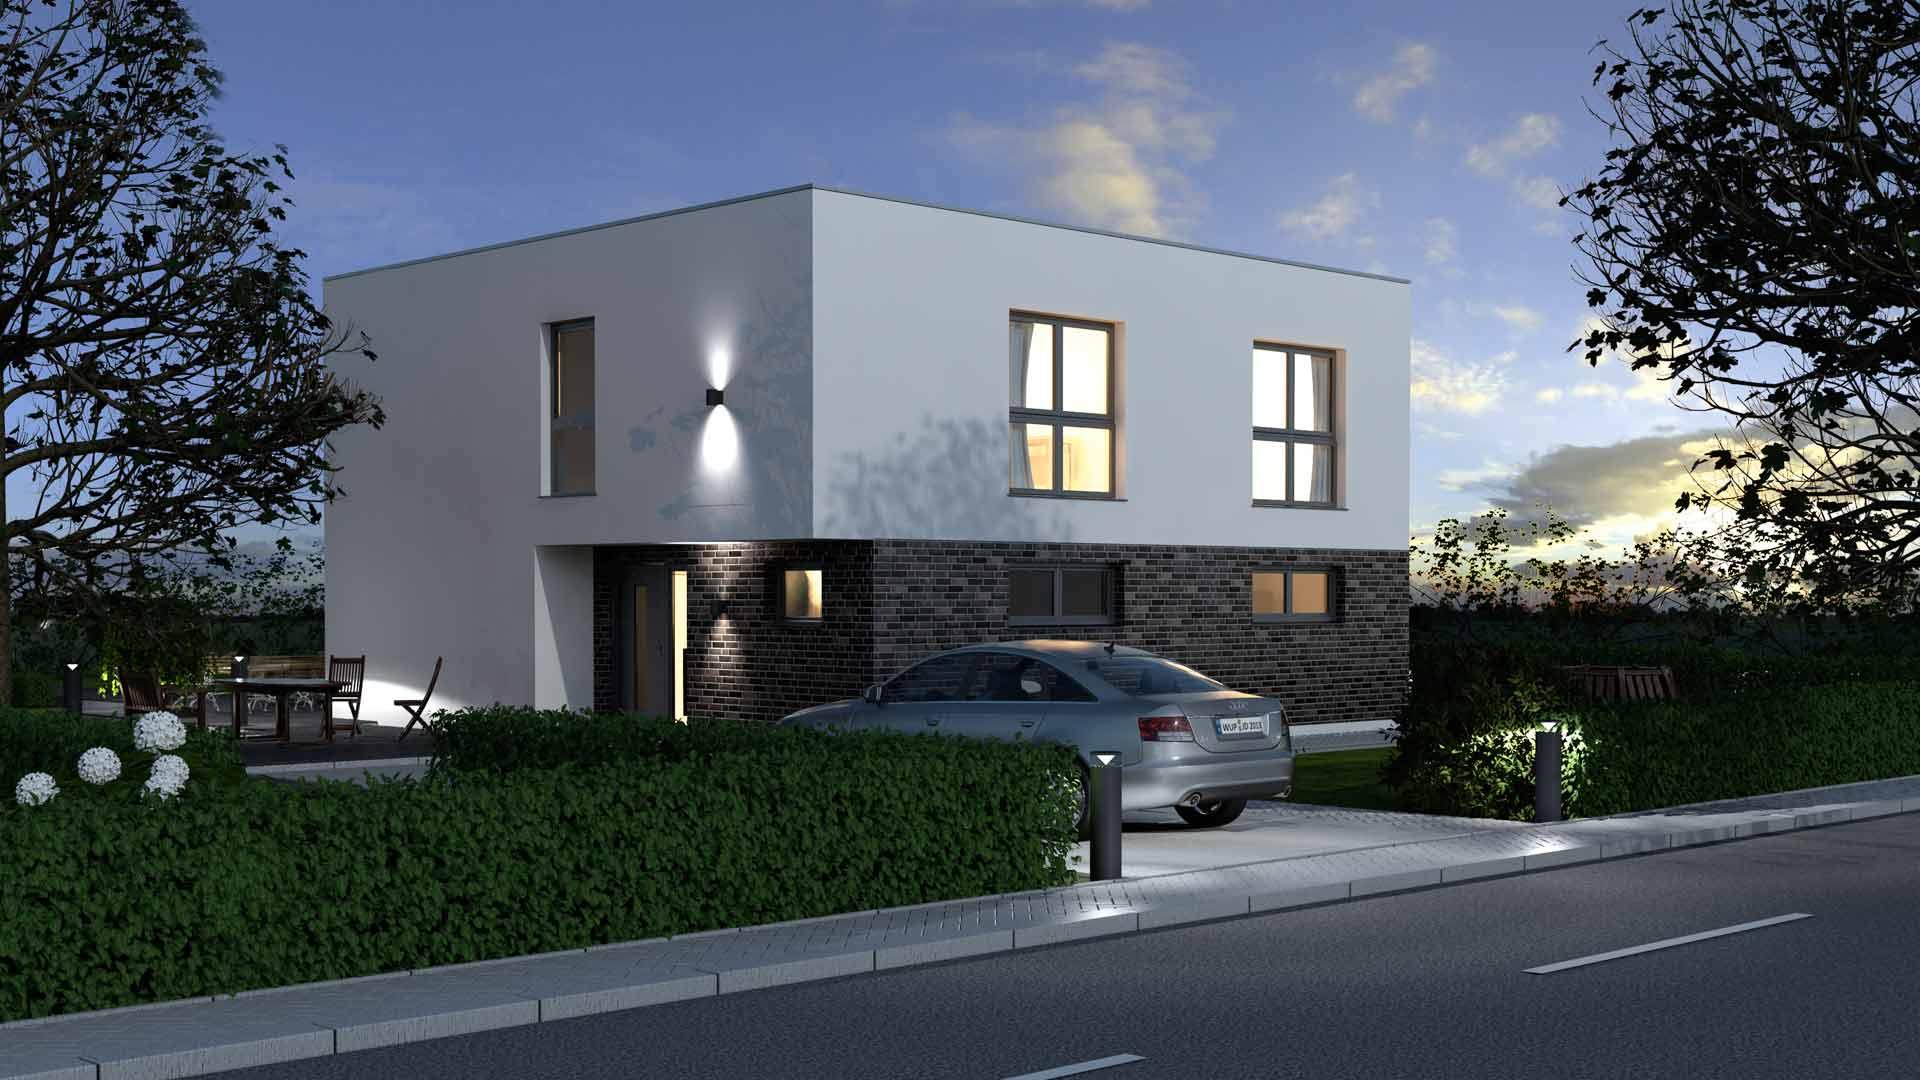 3D-Visualisierungen-Architektur-Aussen-Favorit-Massivhaus-Stadtvilla-1920x1080